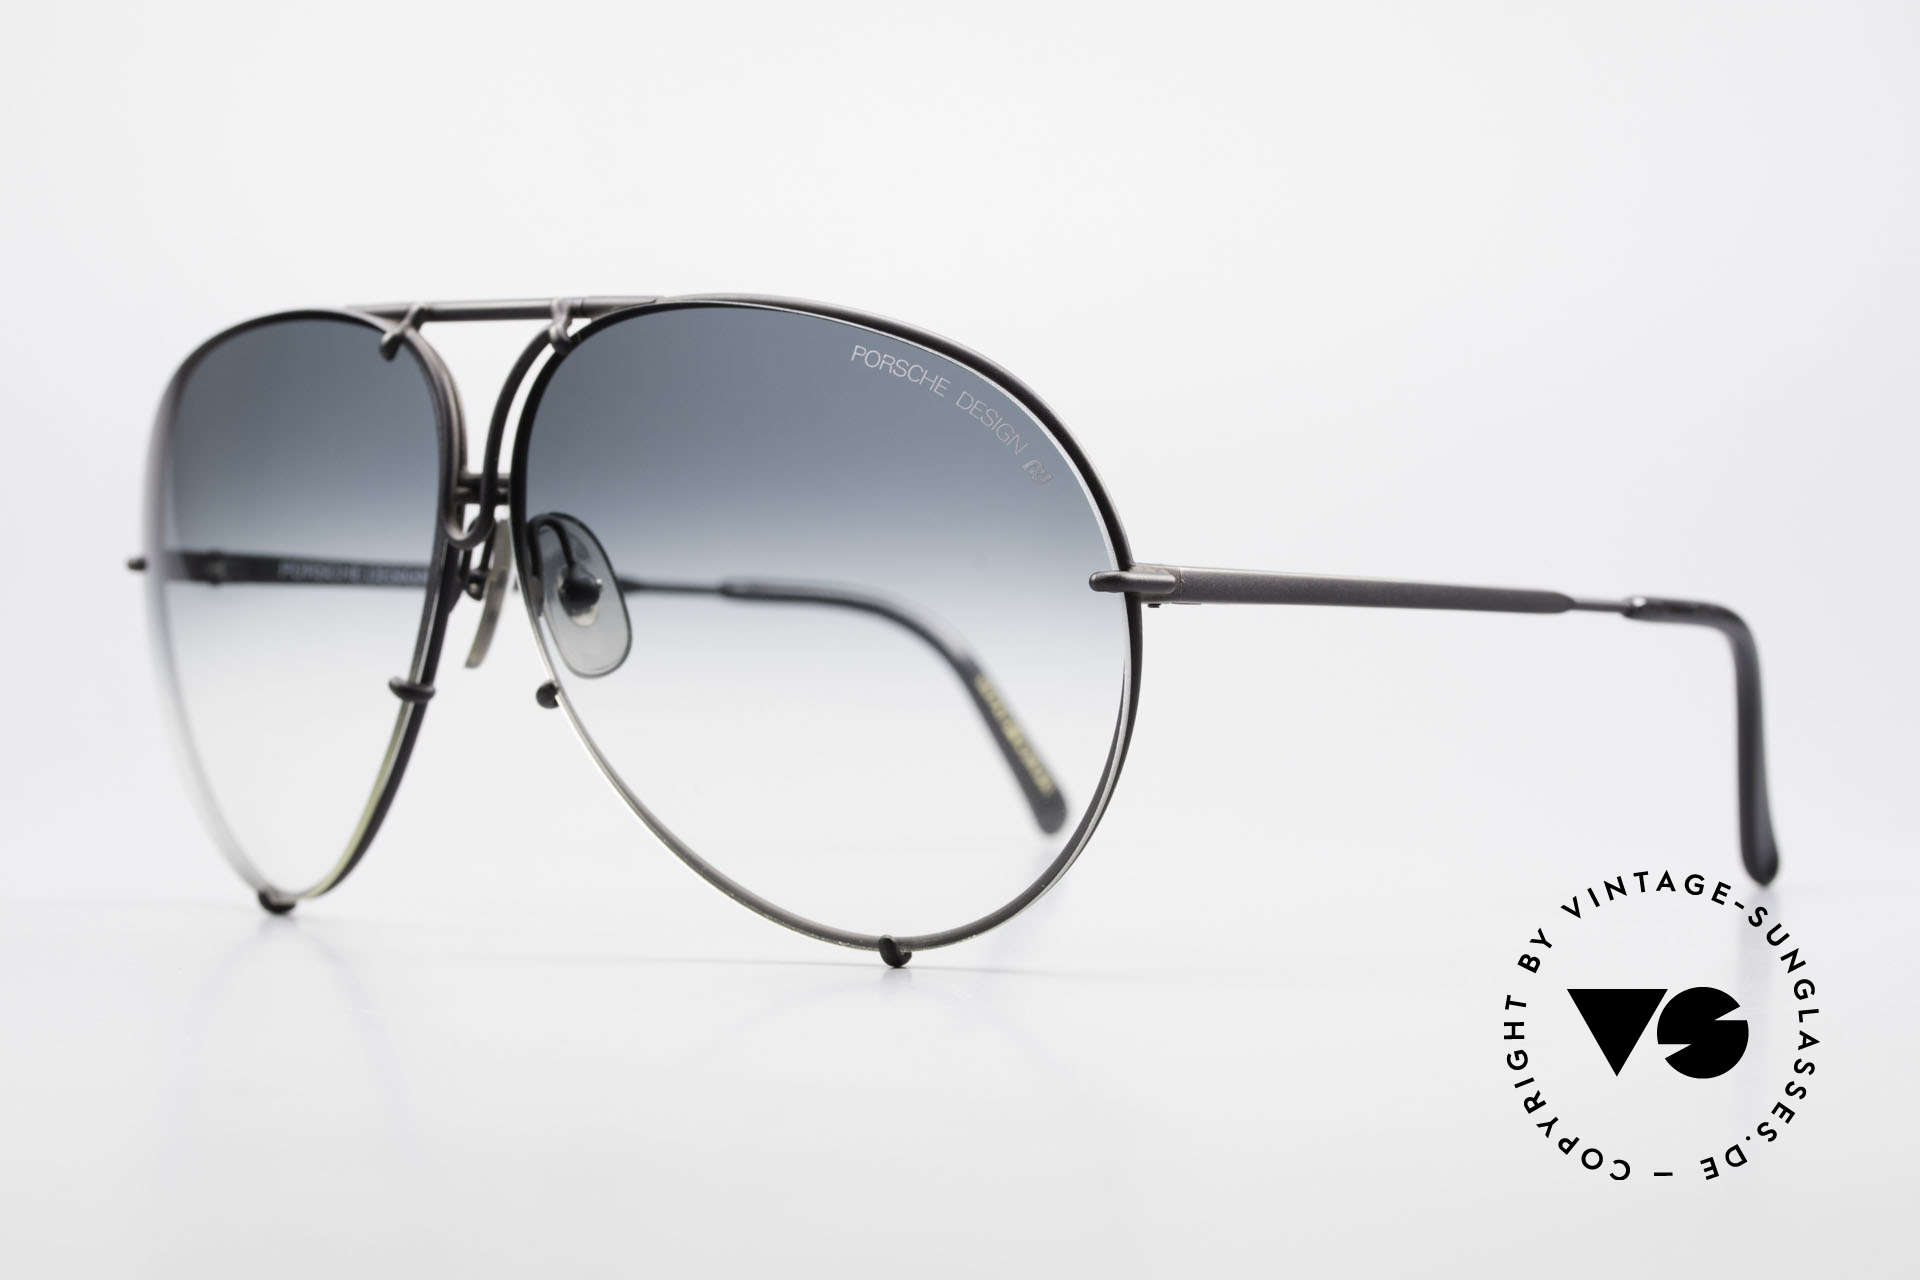 Porsche 5621 Alte 80er Aviator Sonnenbrille, 2 Paar Wechselgläser: grün-Verlauf & grau-einfarbig, Passend für Herren